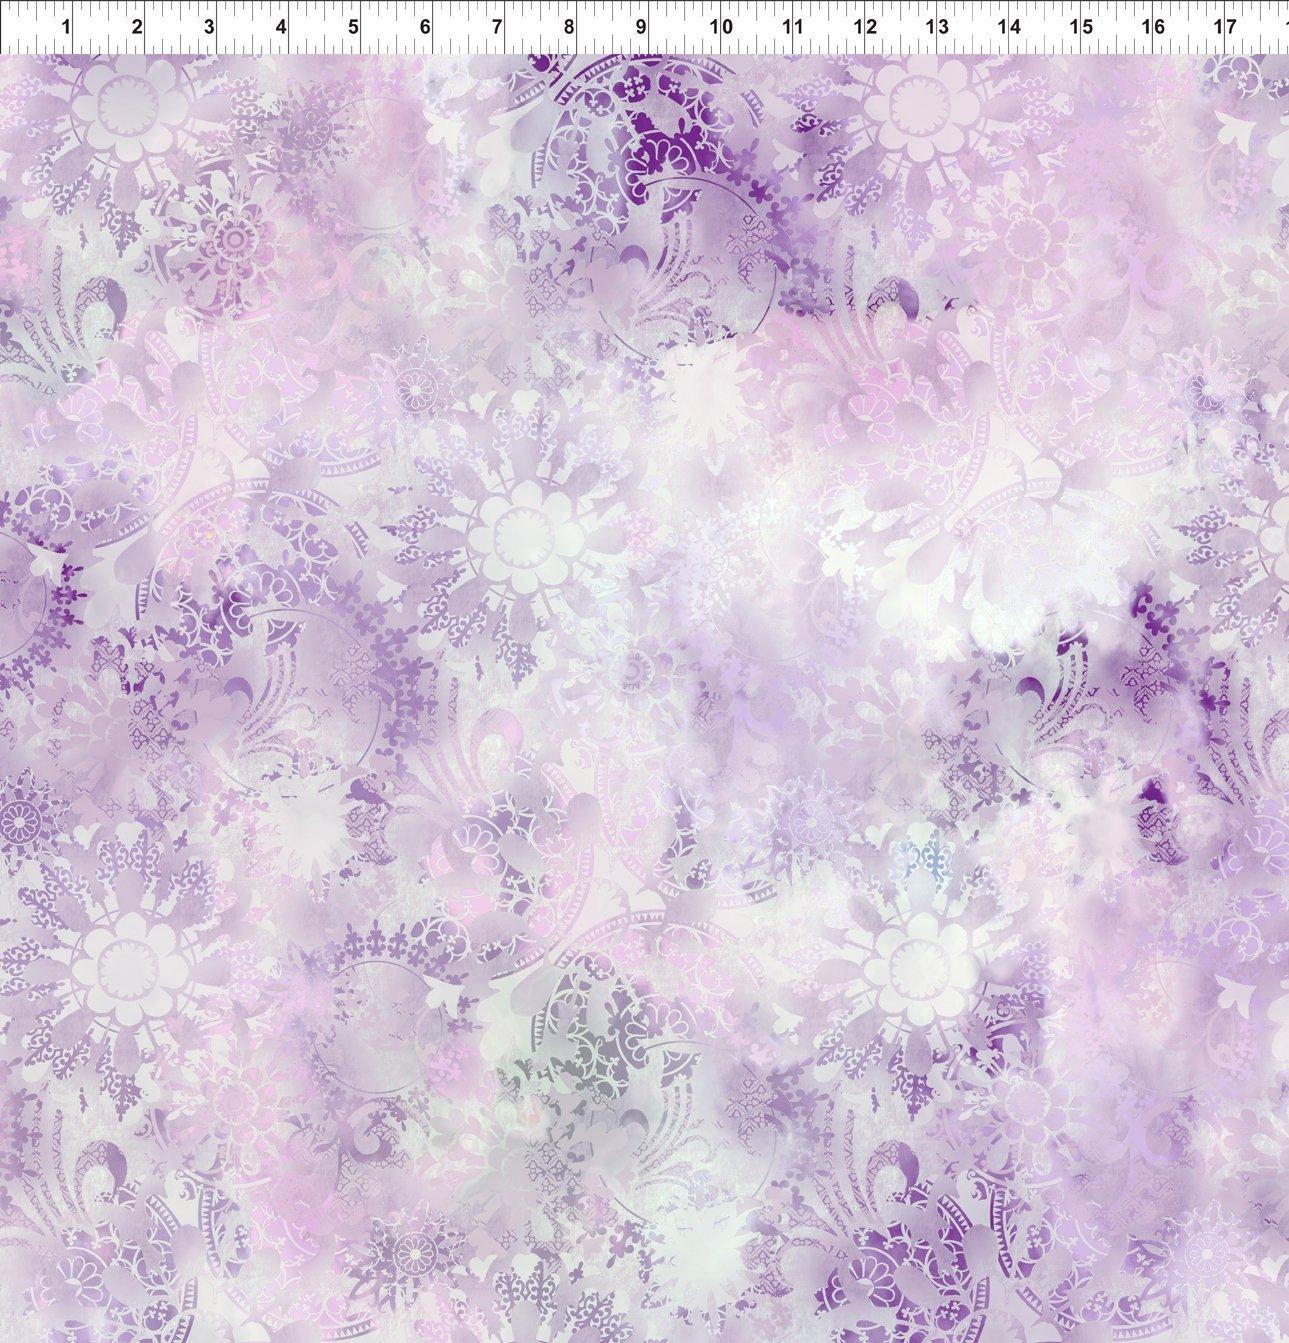 4ENC-3 Lilac Mystic Lace Diaphanous